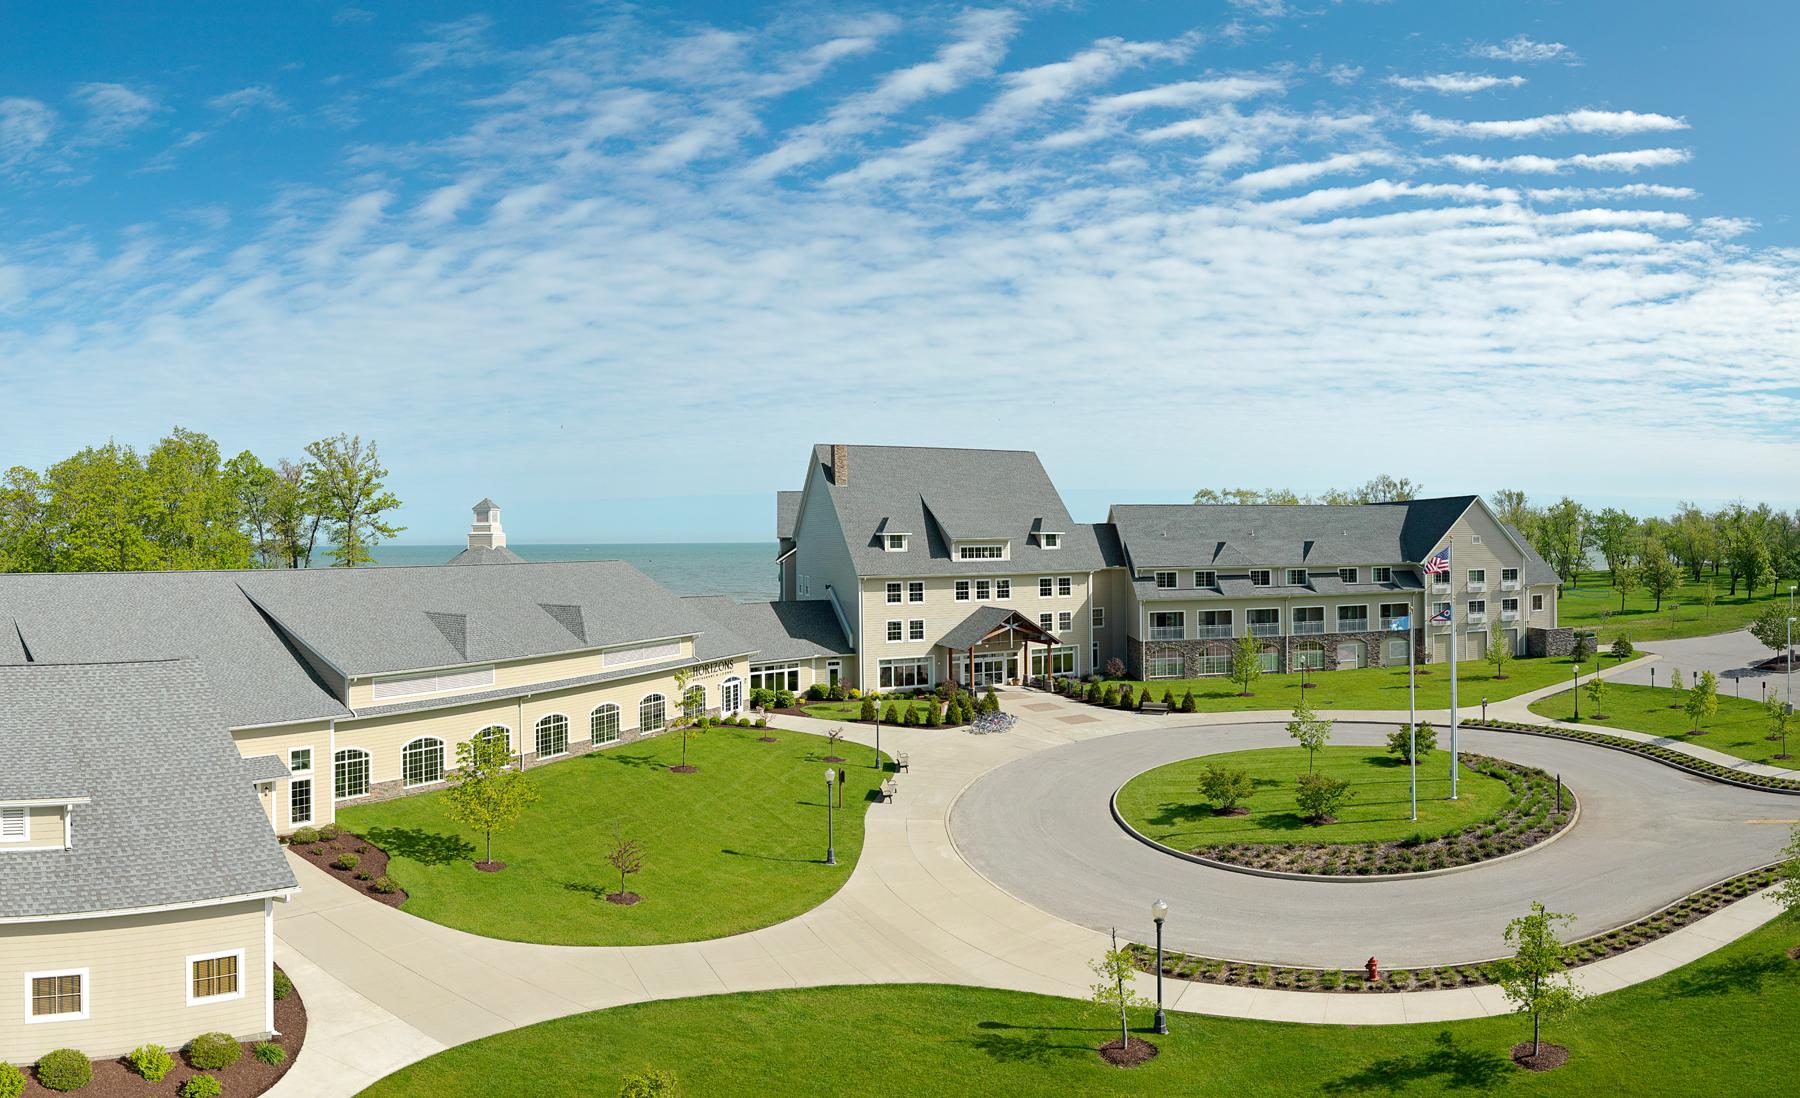 The Lodge at Geneva-on-the-Lake